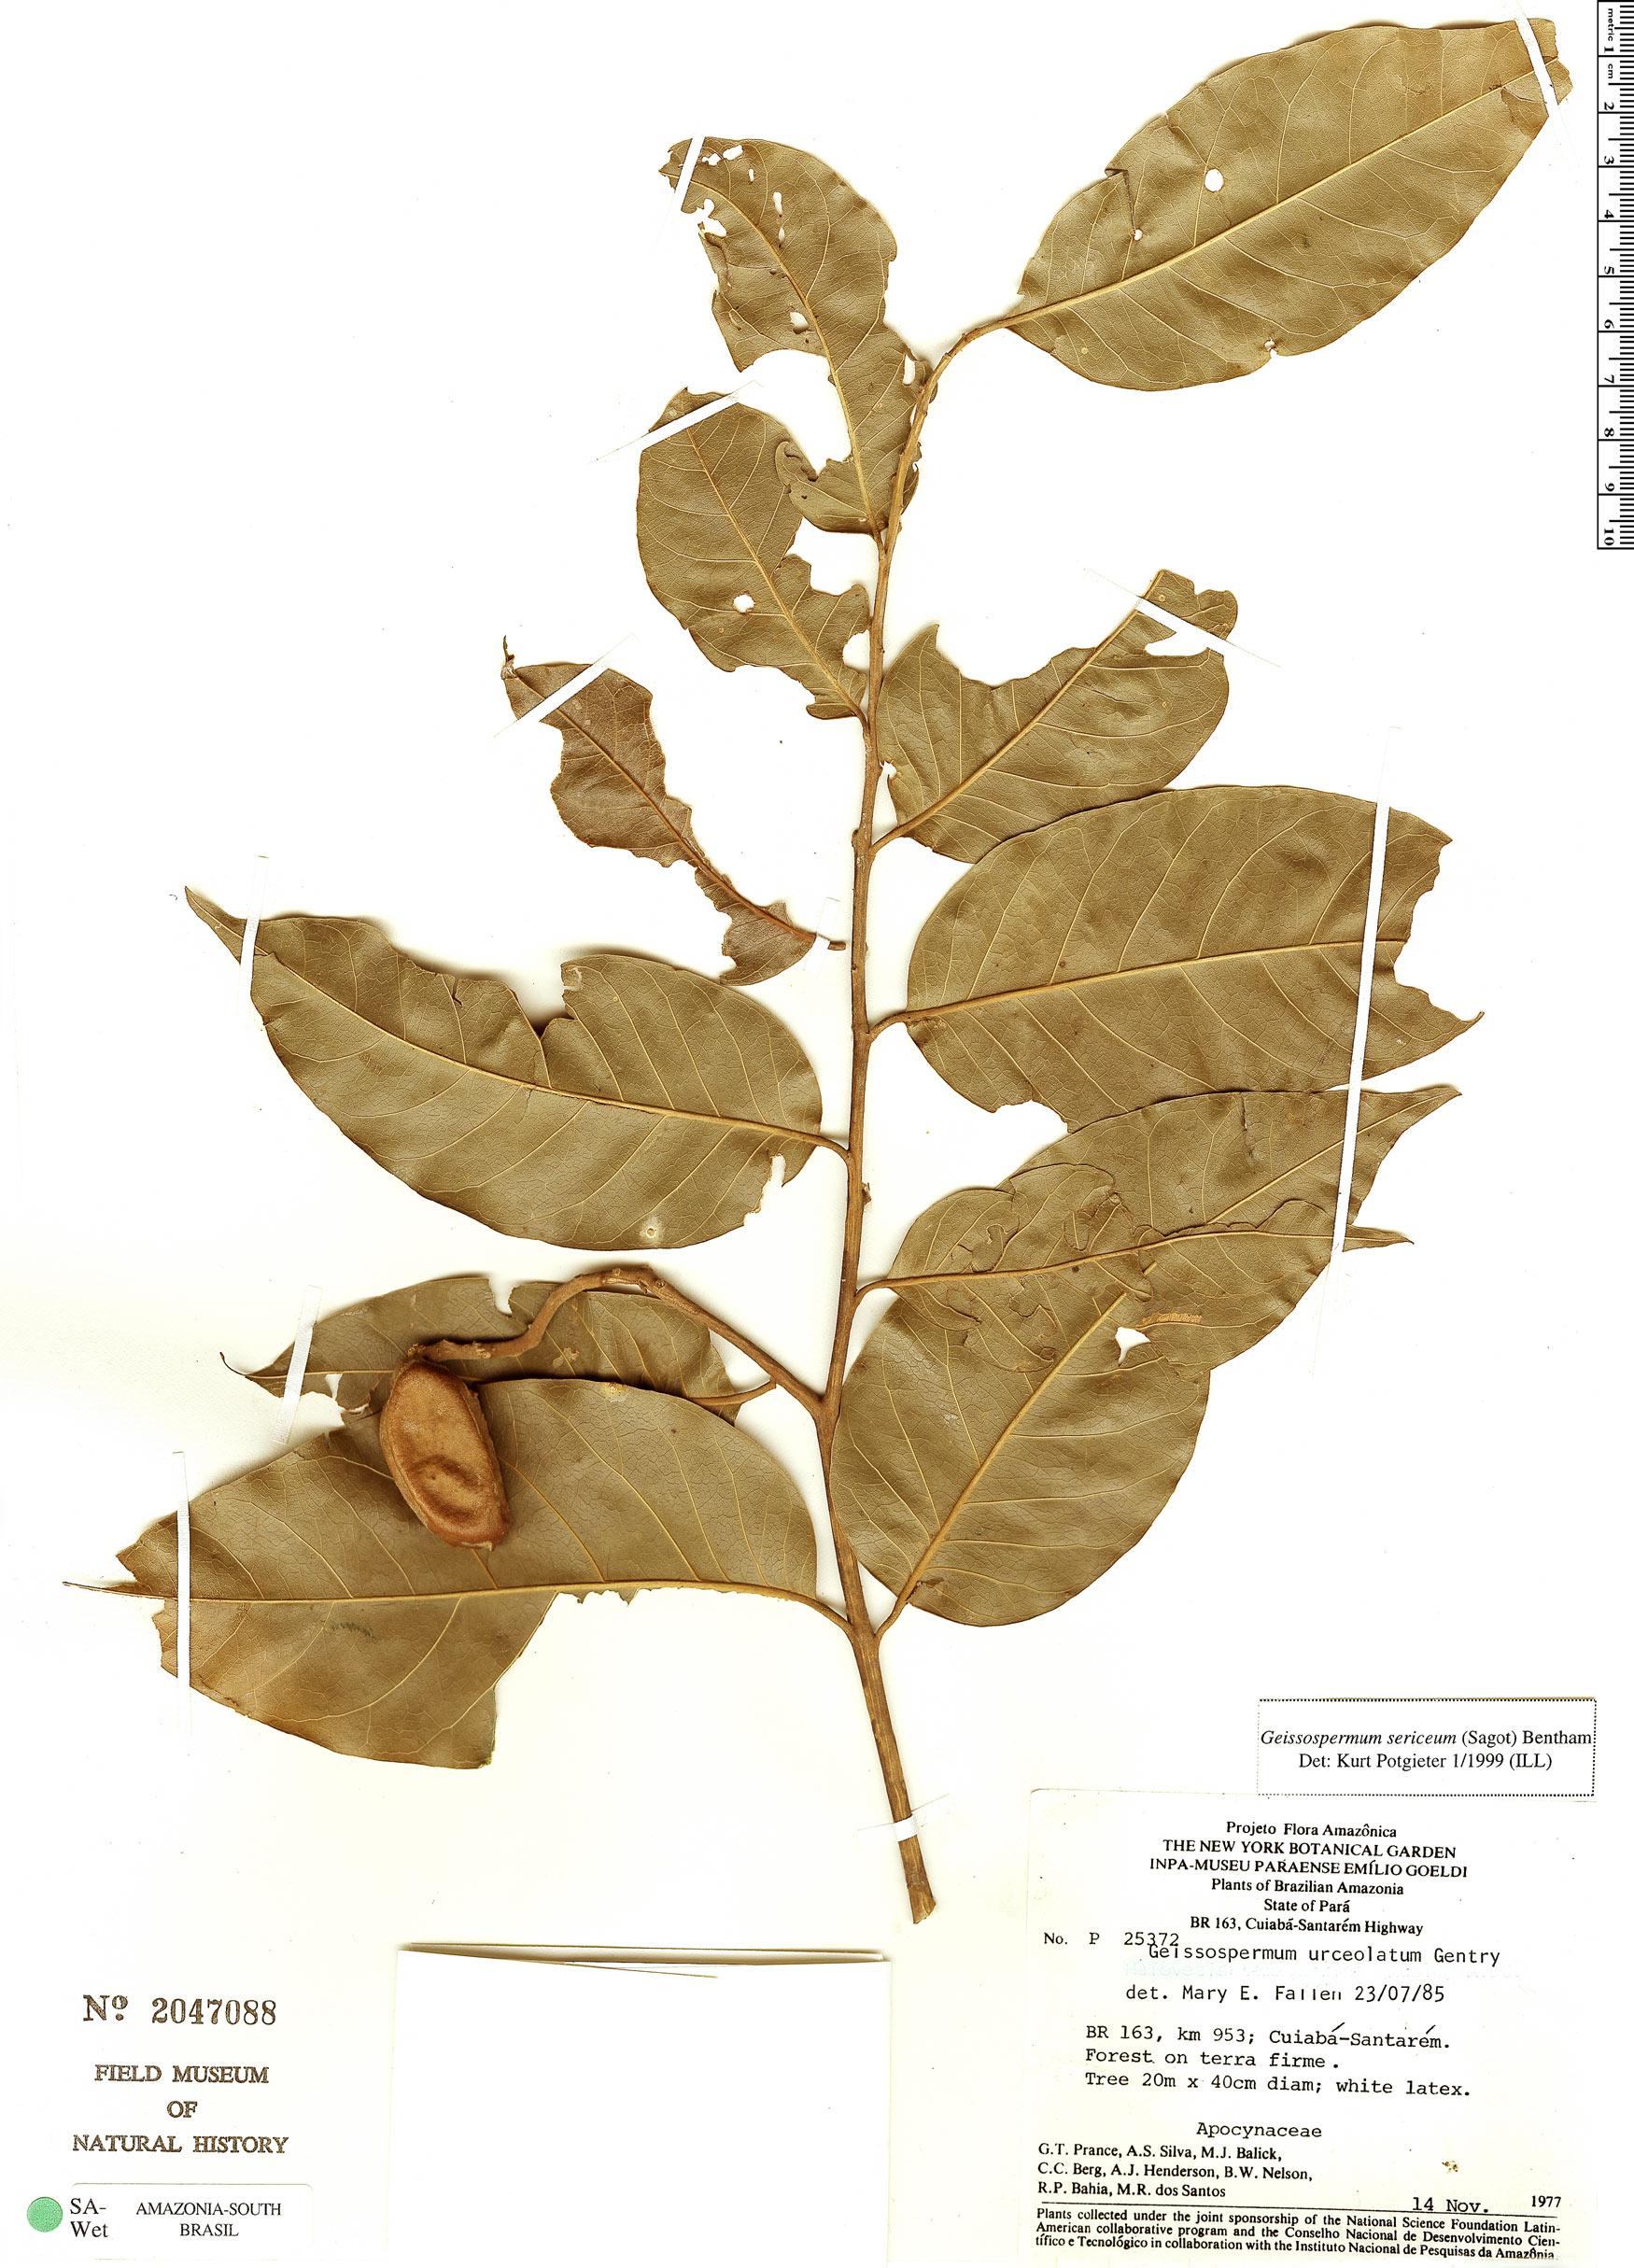 Specimen: Geissospermum urceolatum